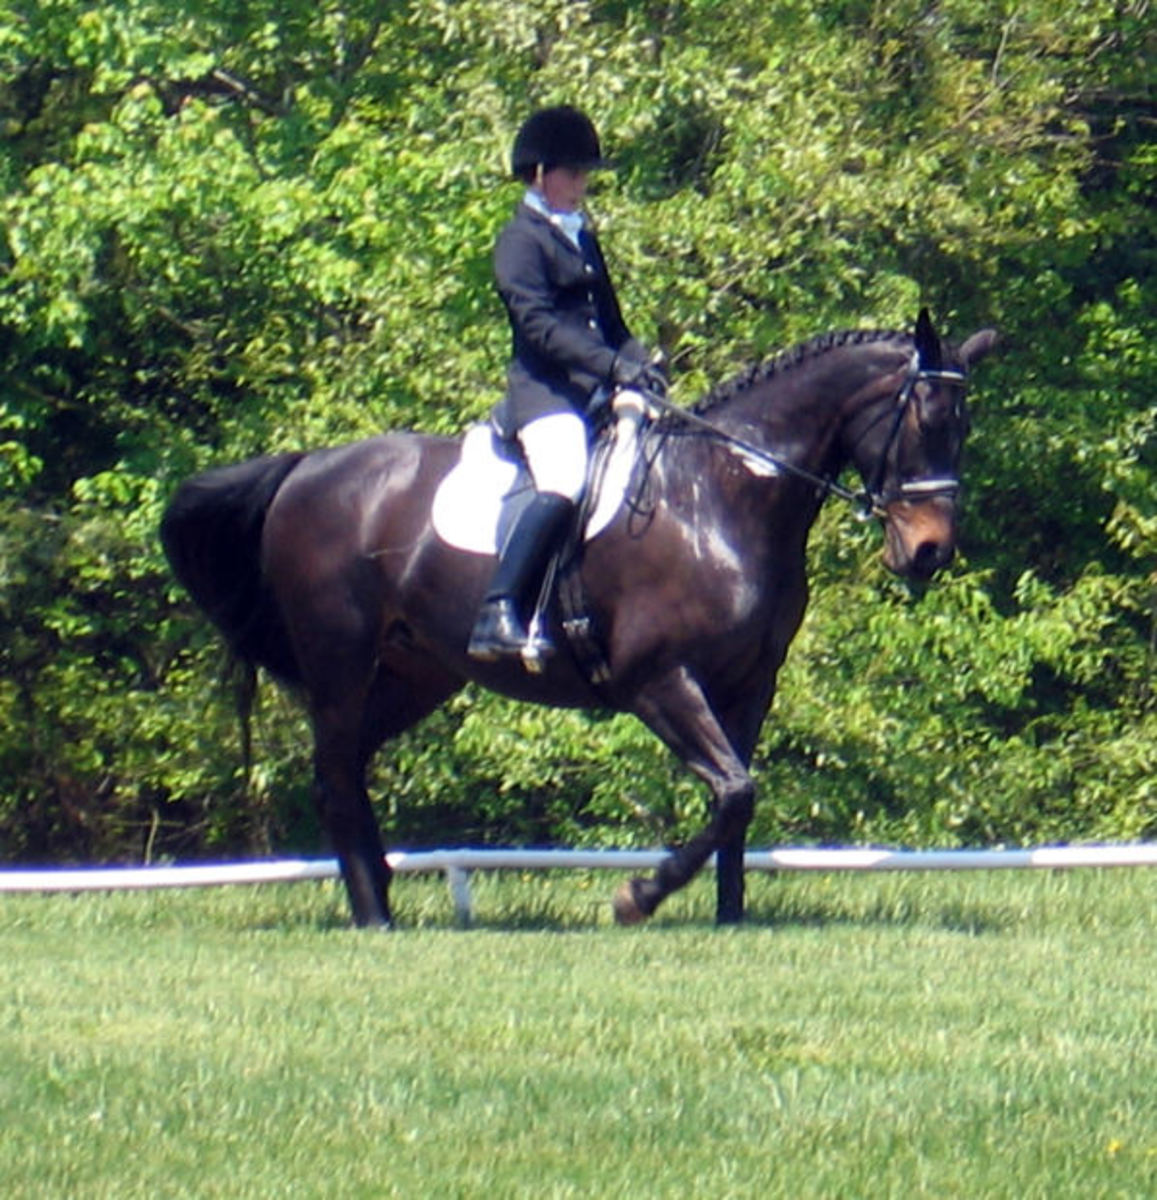 Walk Gait by an Equestrian Horse